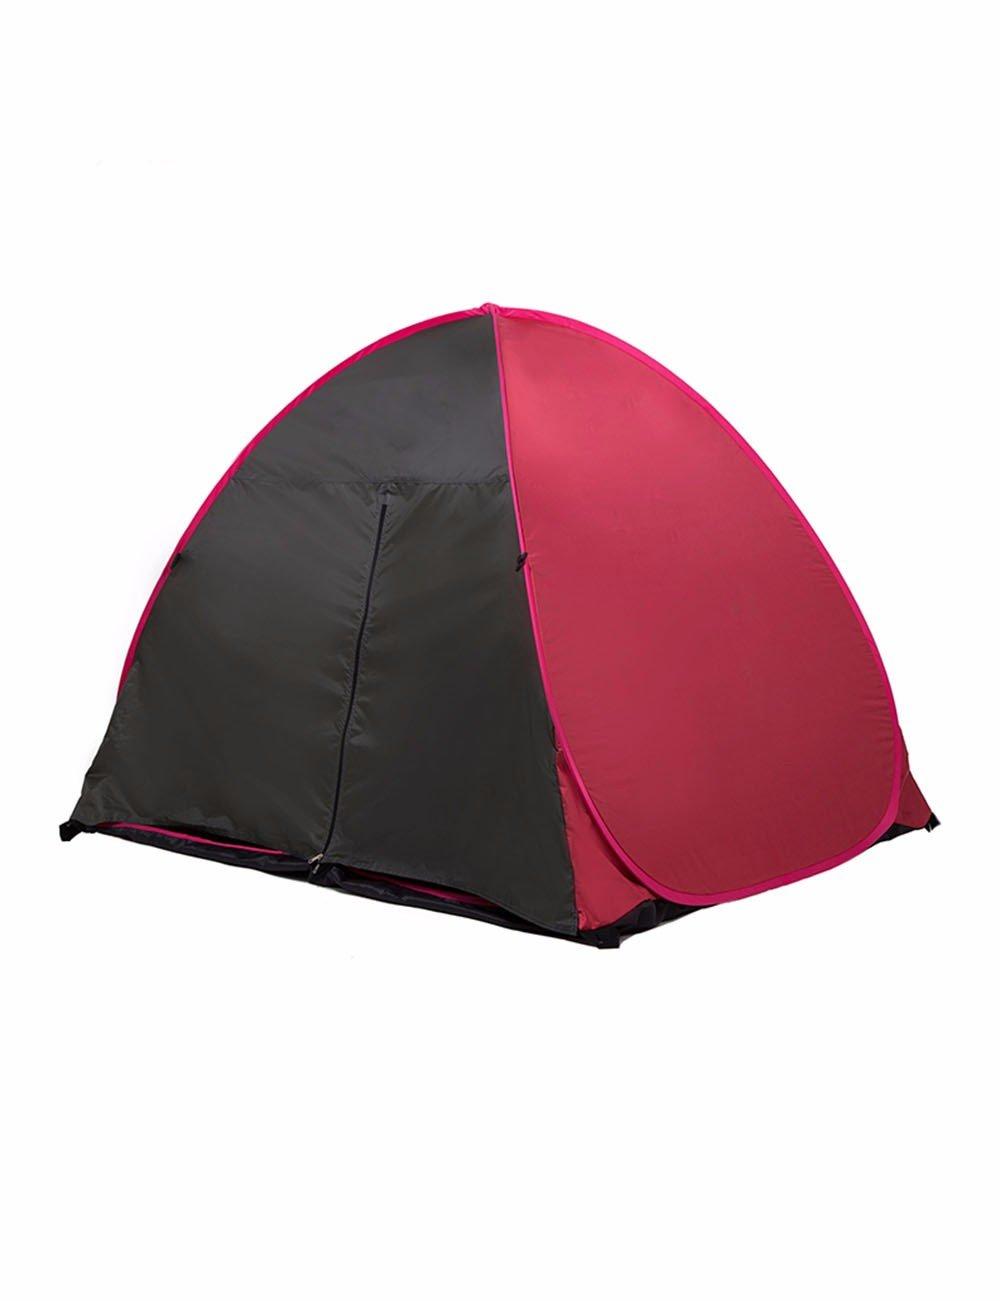 SJQKA-Zelt Outdoor 2 Voll automatische Hayaaki Tragbares ein Sonnenschutzmittel Die Selbstfahrer Camping Ultra-Light Kinder Sand Zelt